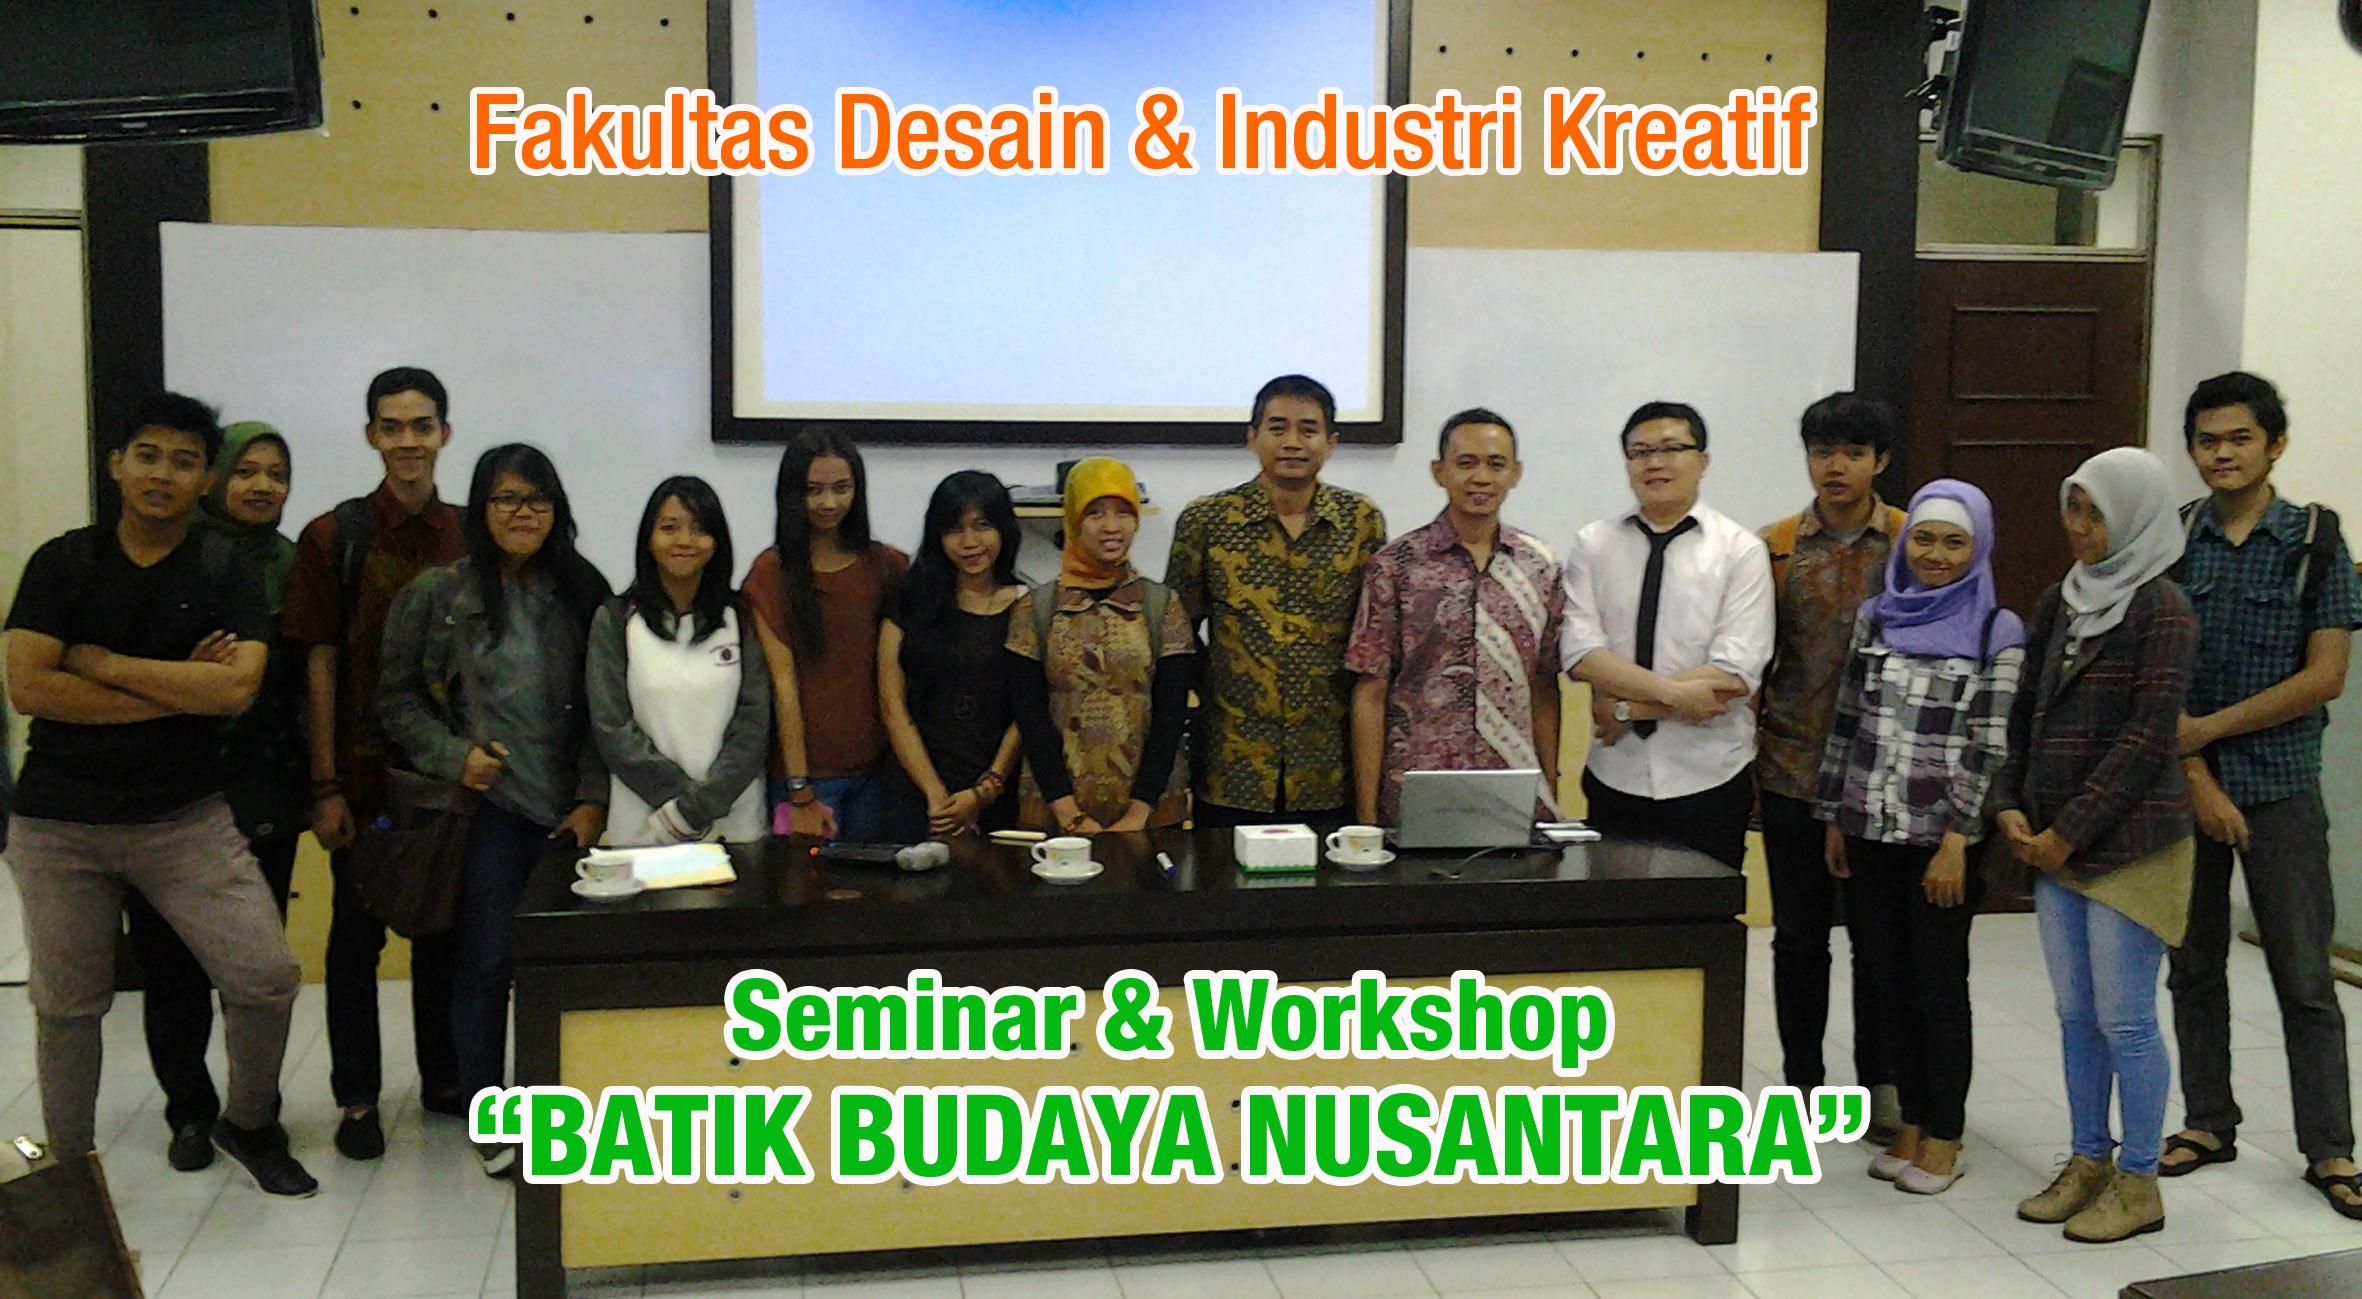 """Fakultas Desain & Industri Kreatif menyelenggarakan Seminar Dan Workshop """" Batik Budaya Nusantara"""""""